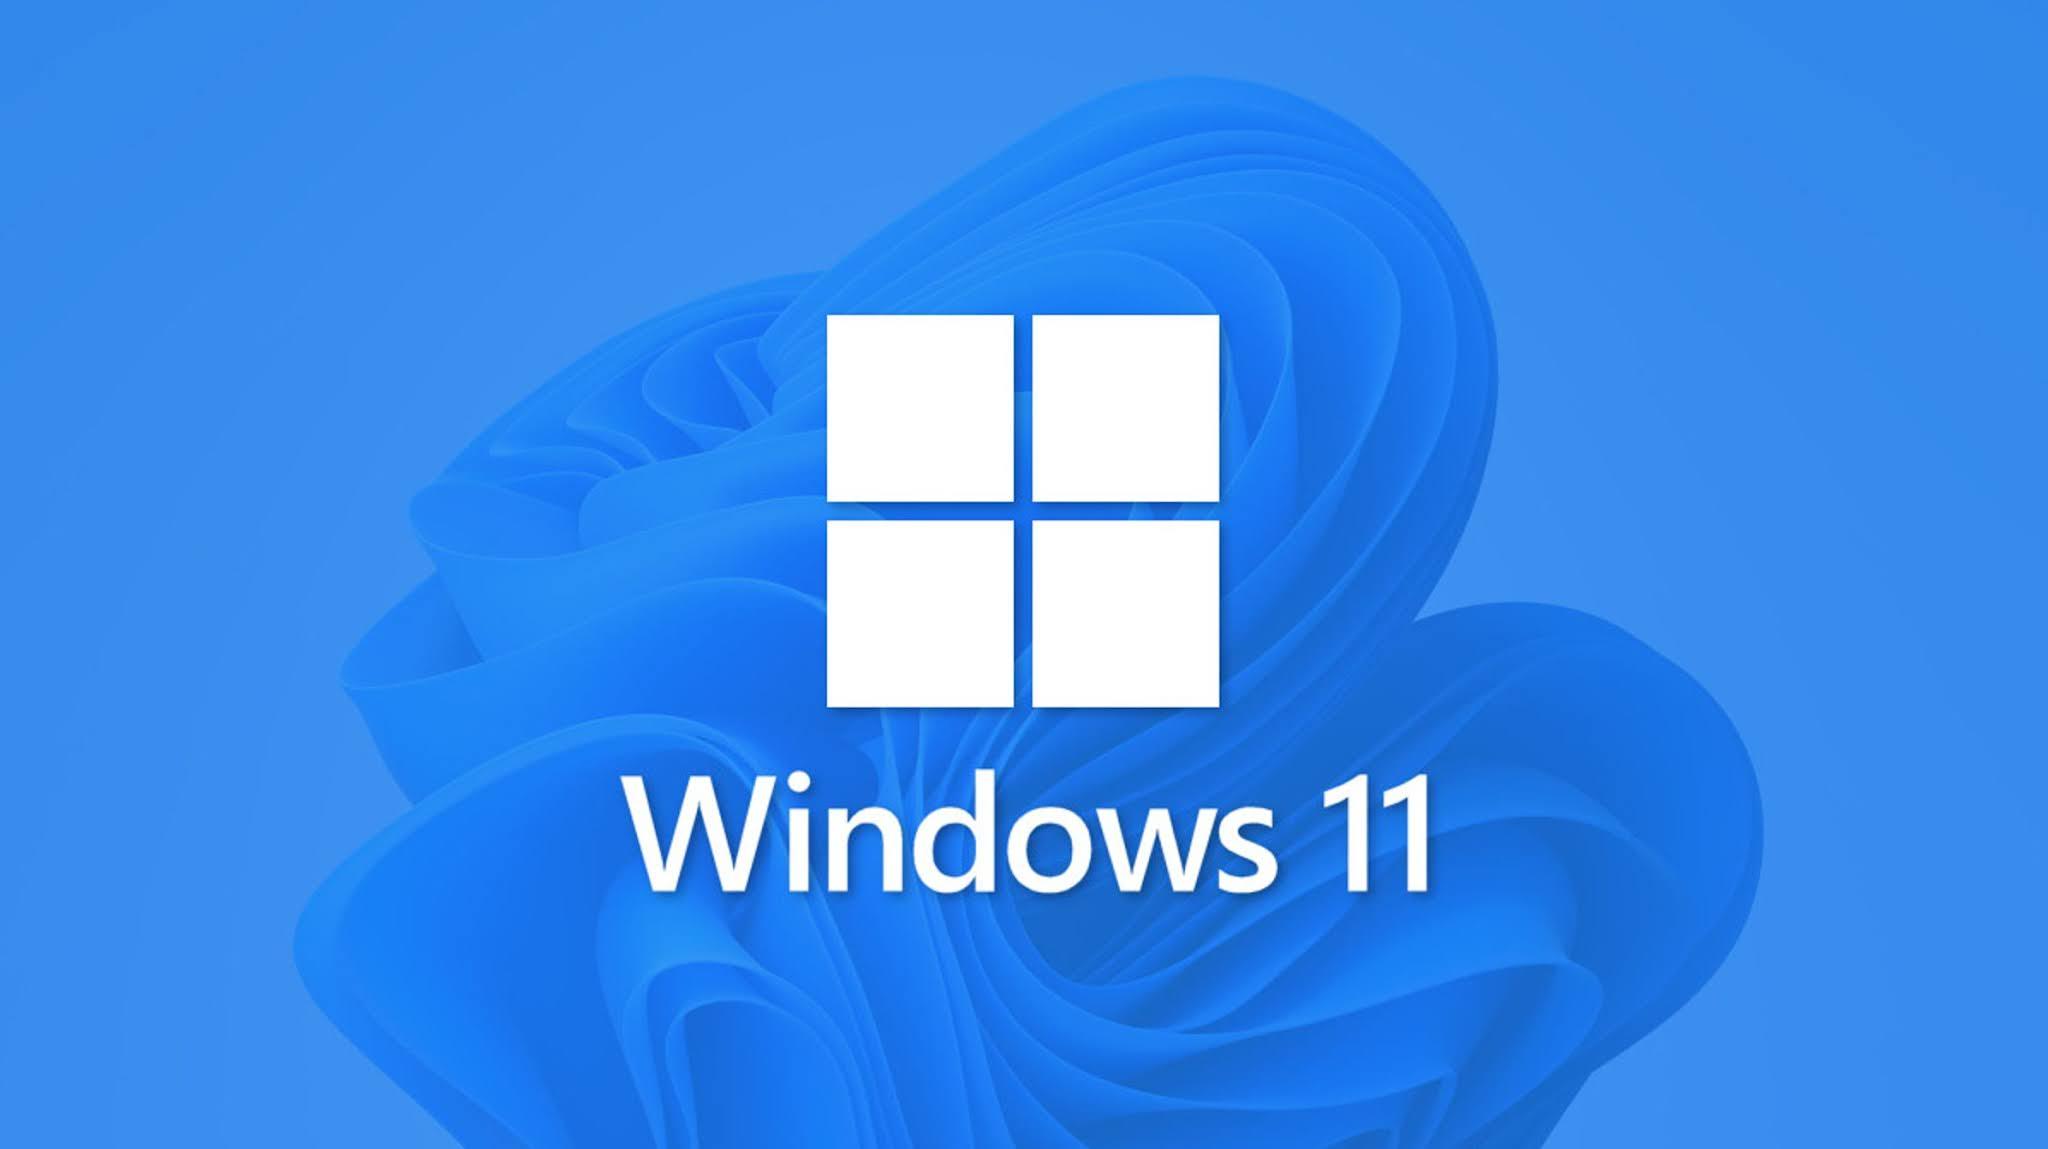 تحميل ويندوز windows 11 ISO برابط مباشر للاجهزة الكمبيوتر مجانا